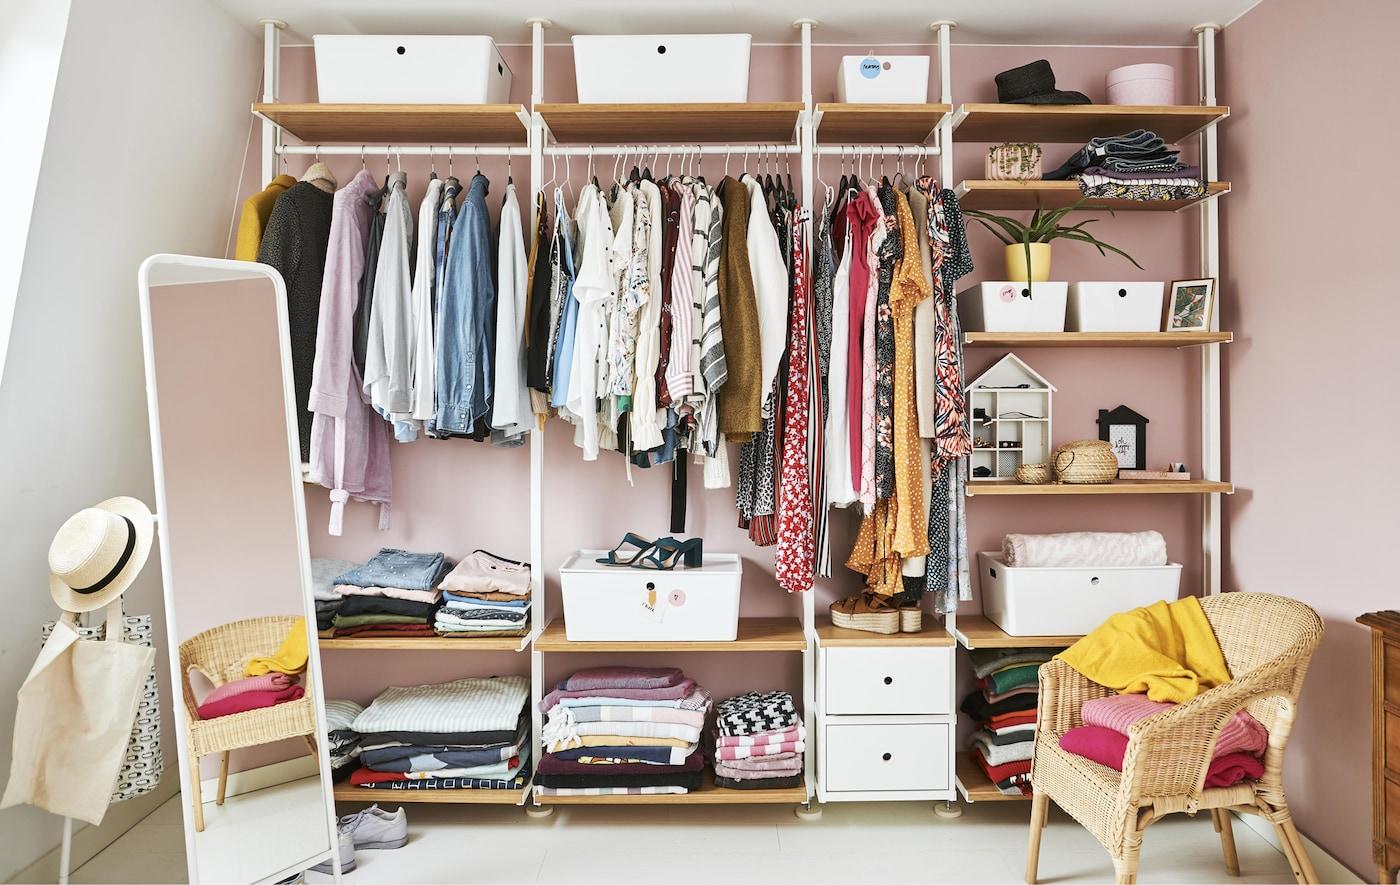 crie um roupeiro aberto personalizado ikea. Black Bedroom Furniture Sets. Home Design Ideas